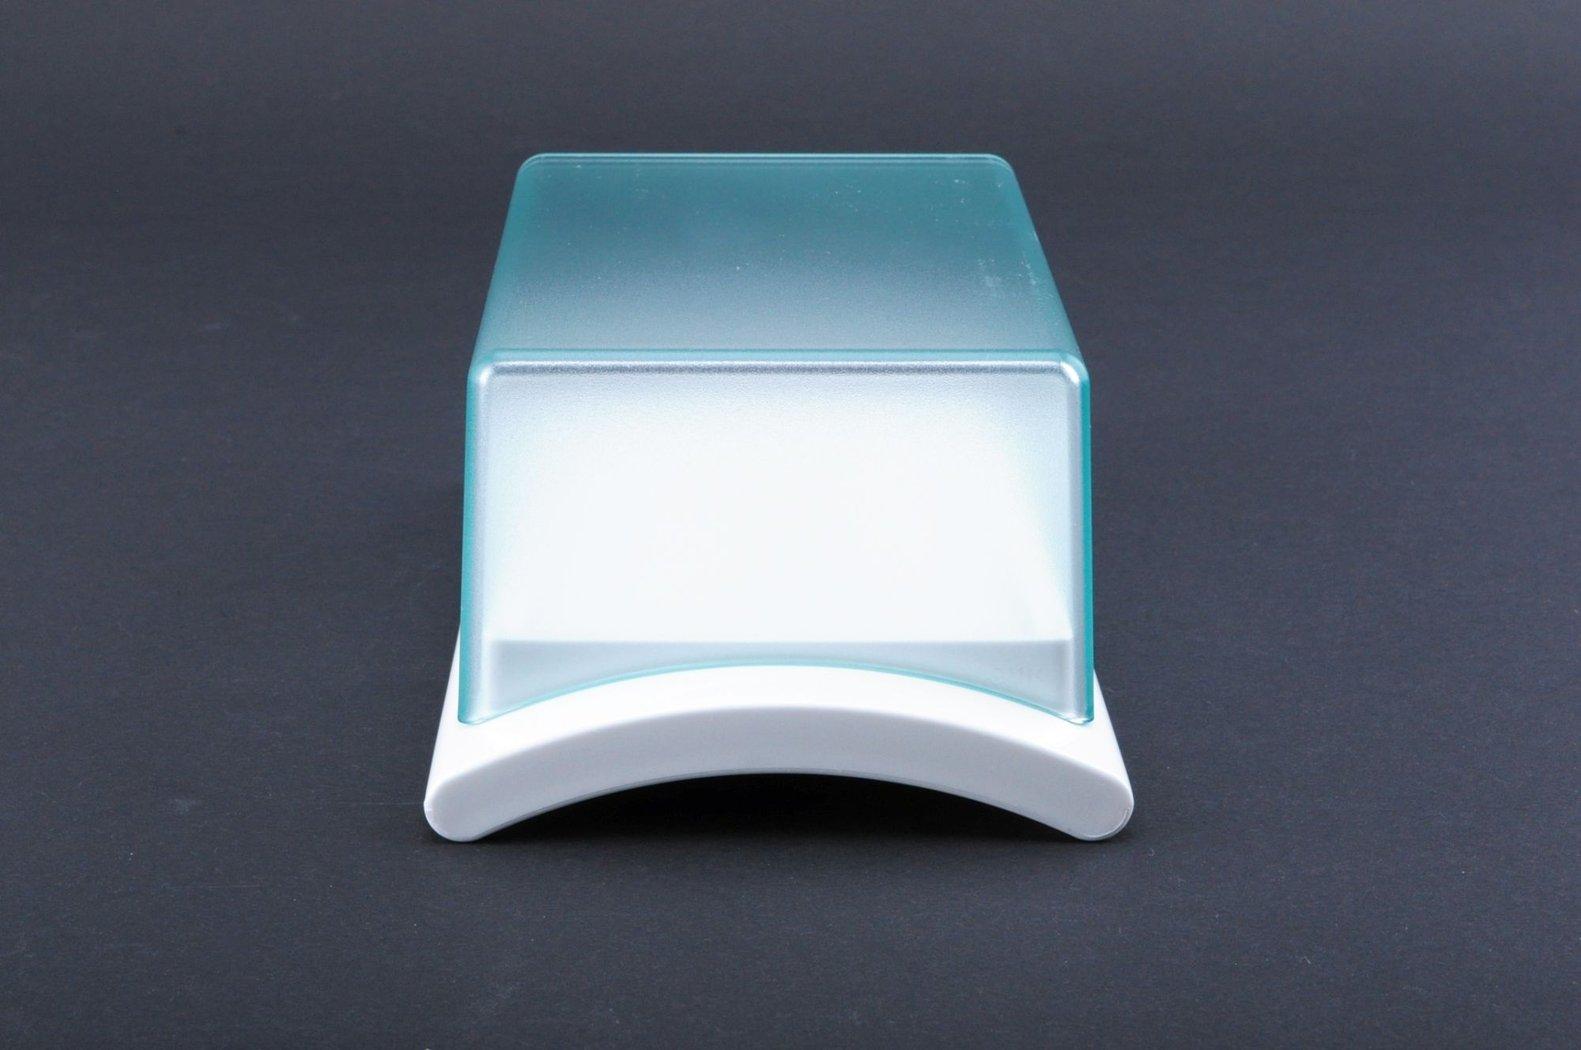 Kühlschrank Butterdose : Miele liebherr butterdose butterschale für kühlschrank